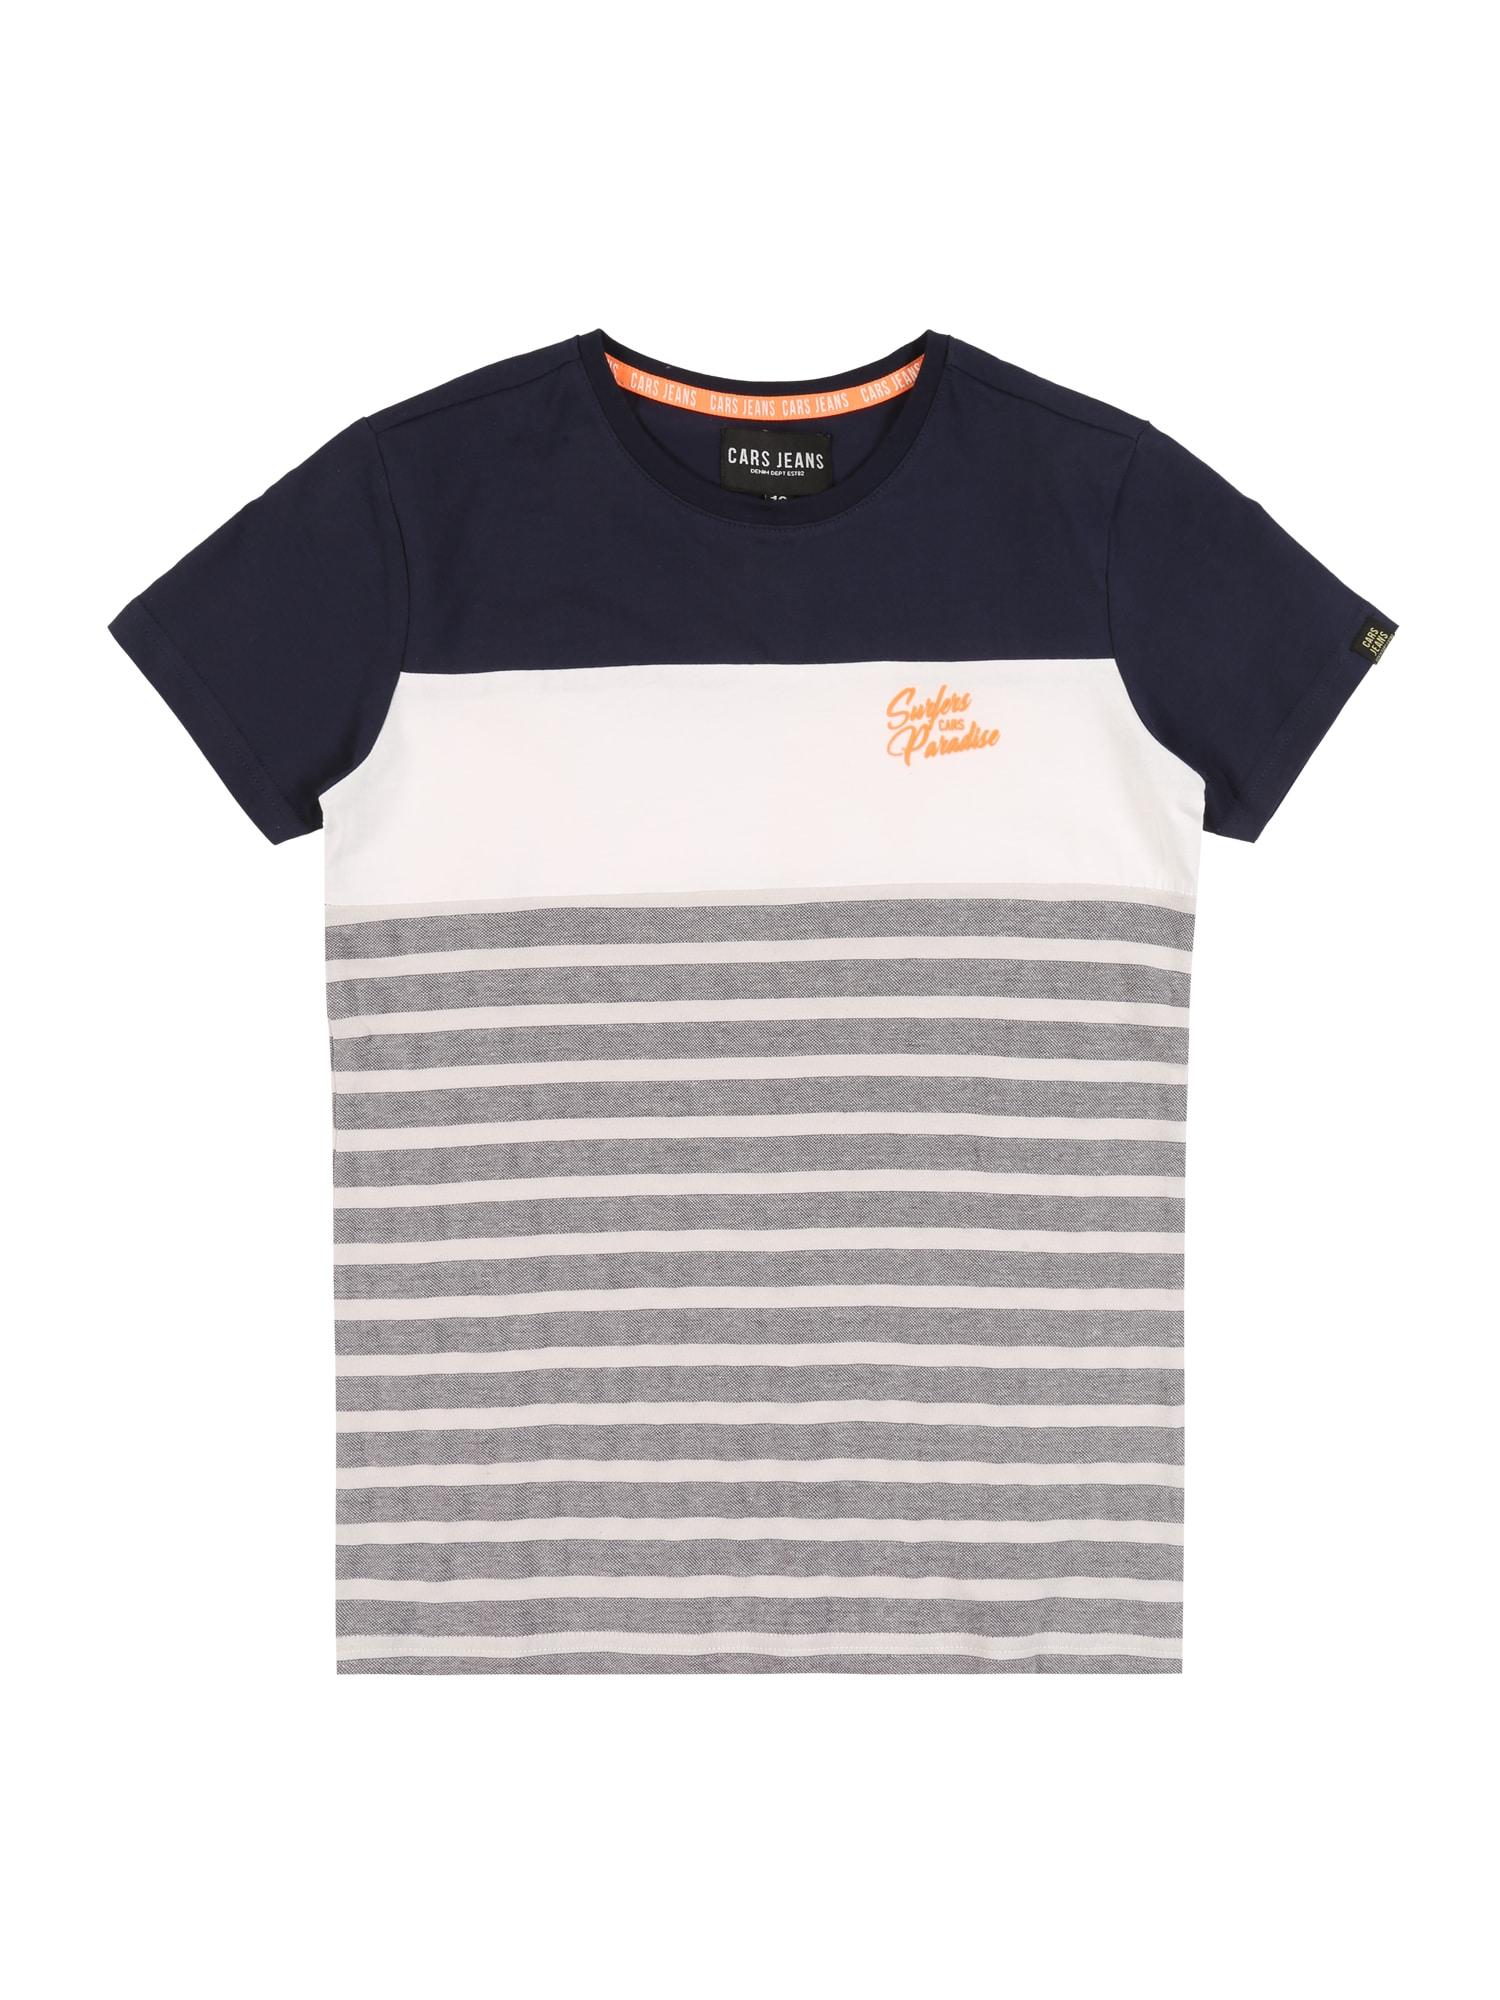 Cars Jeans Marškinėliai balta / tamsiai mėlyna